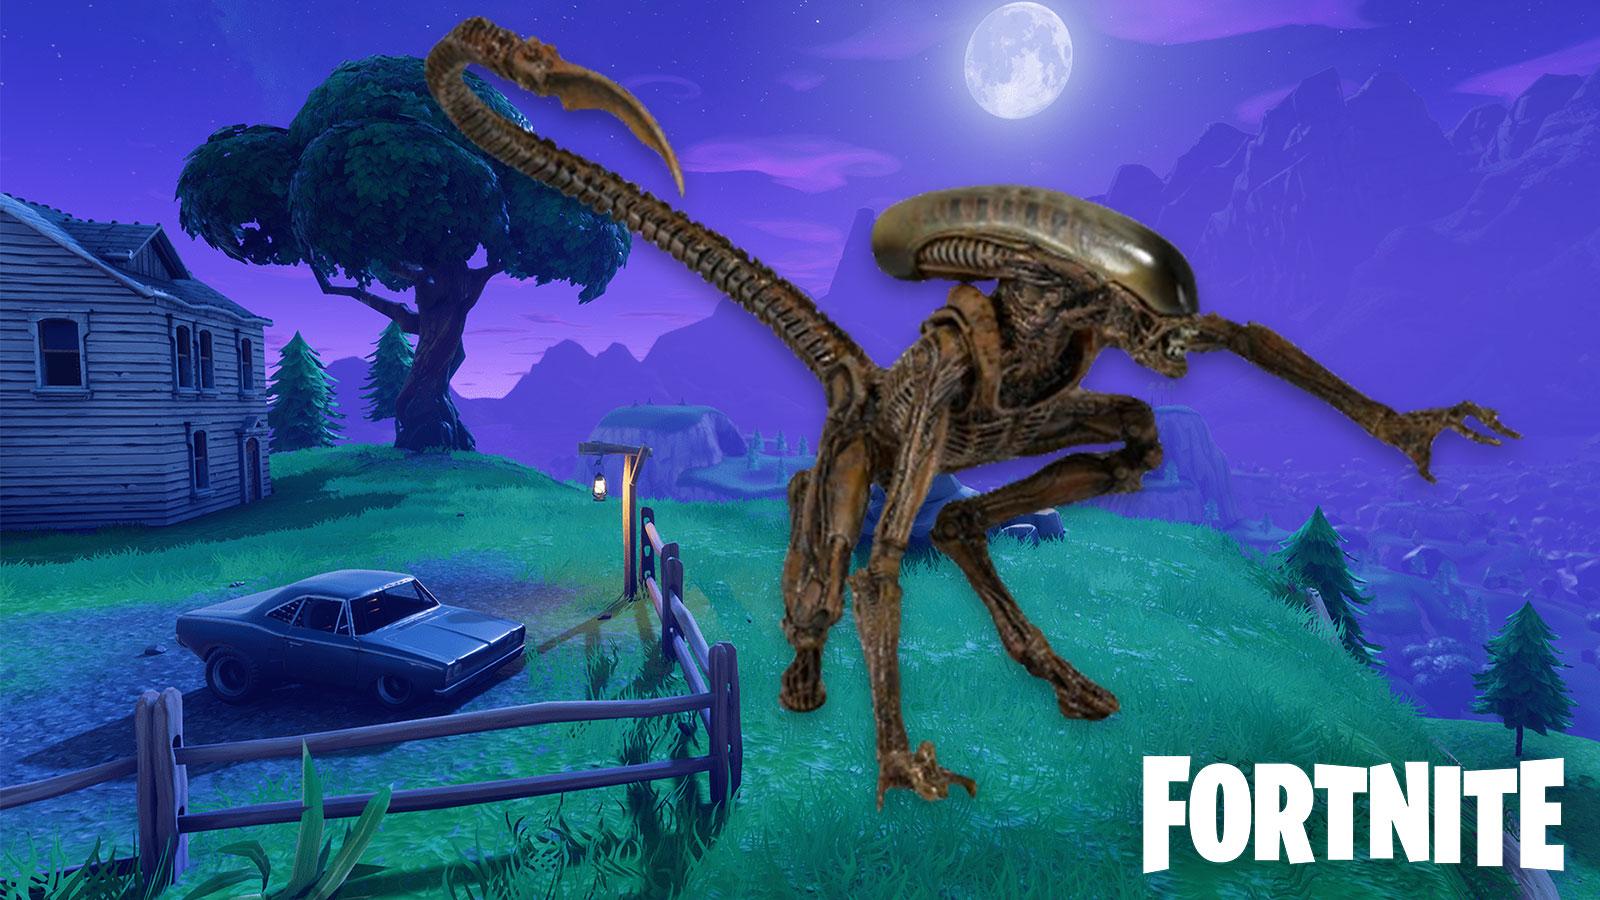 Un leak sur Fortnite semble confirmer l'arrivée d'Alien vs Predator